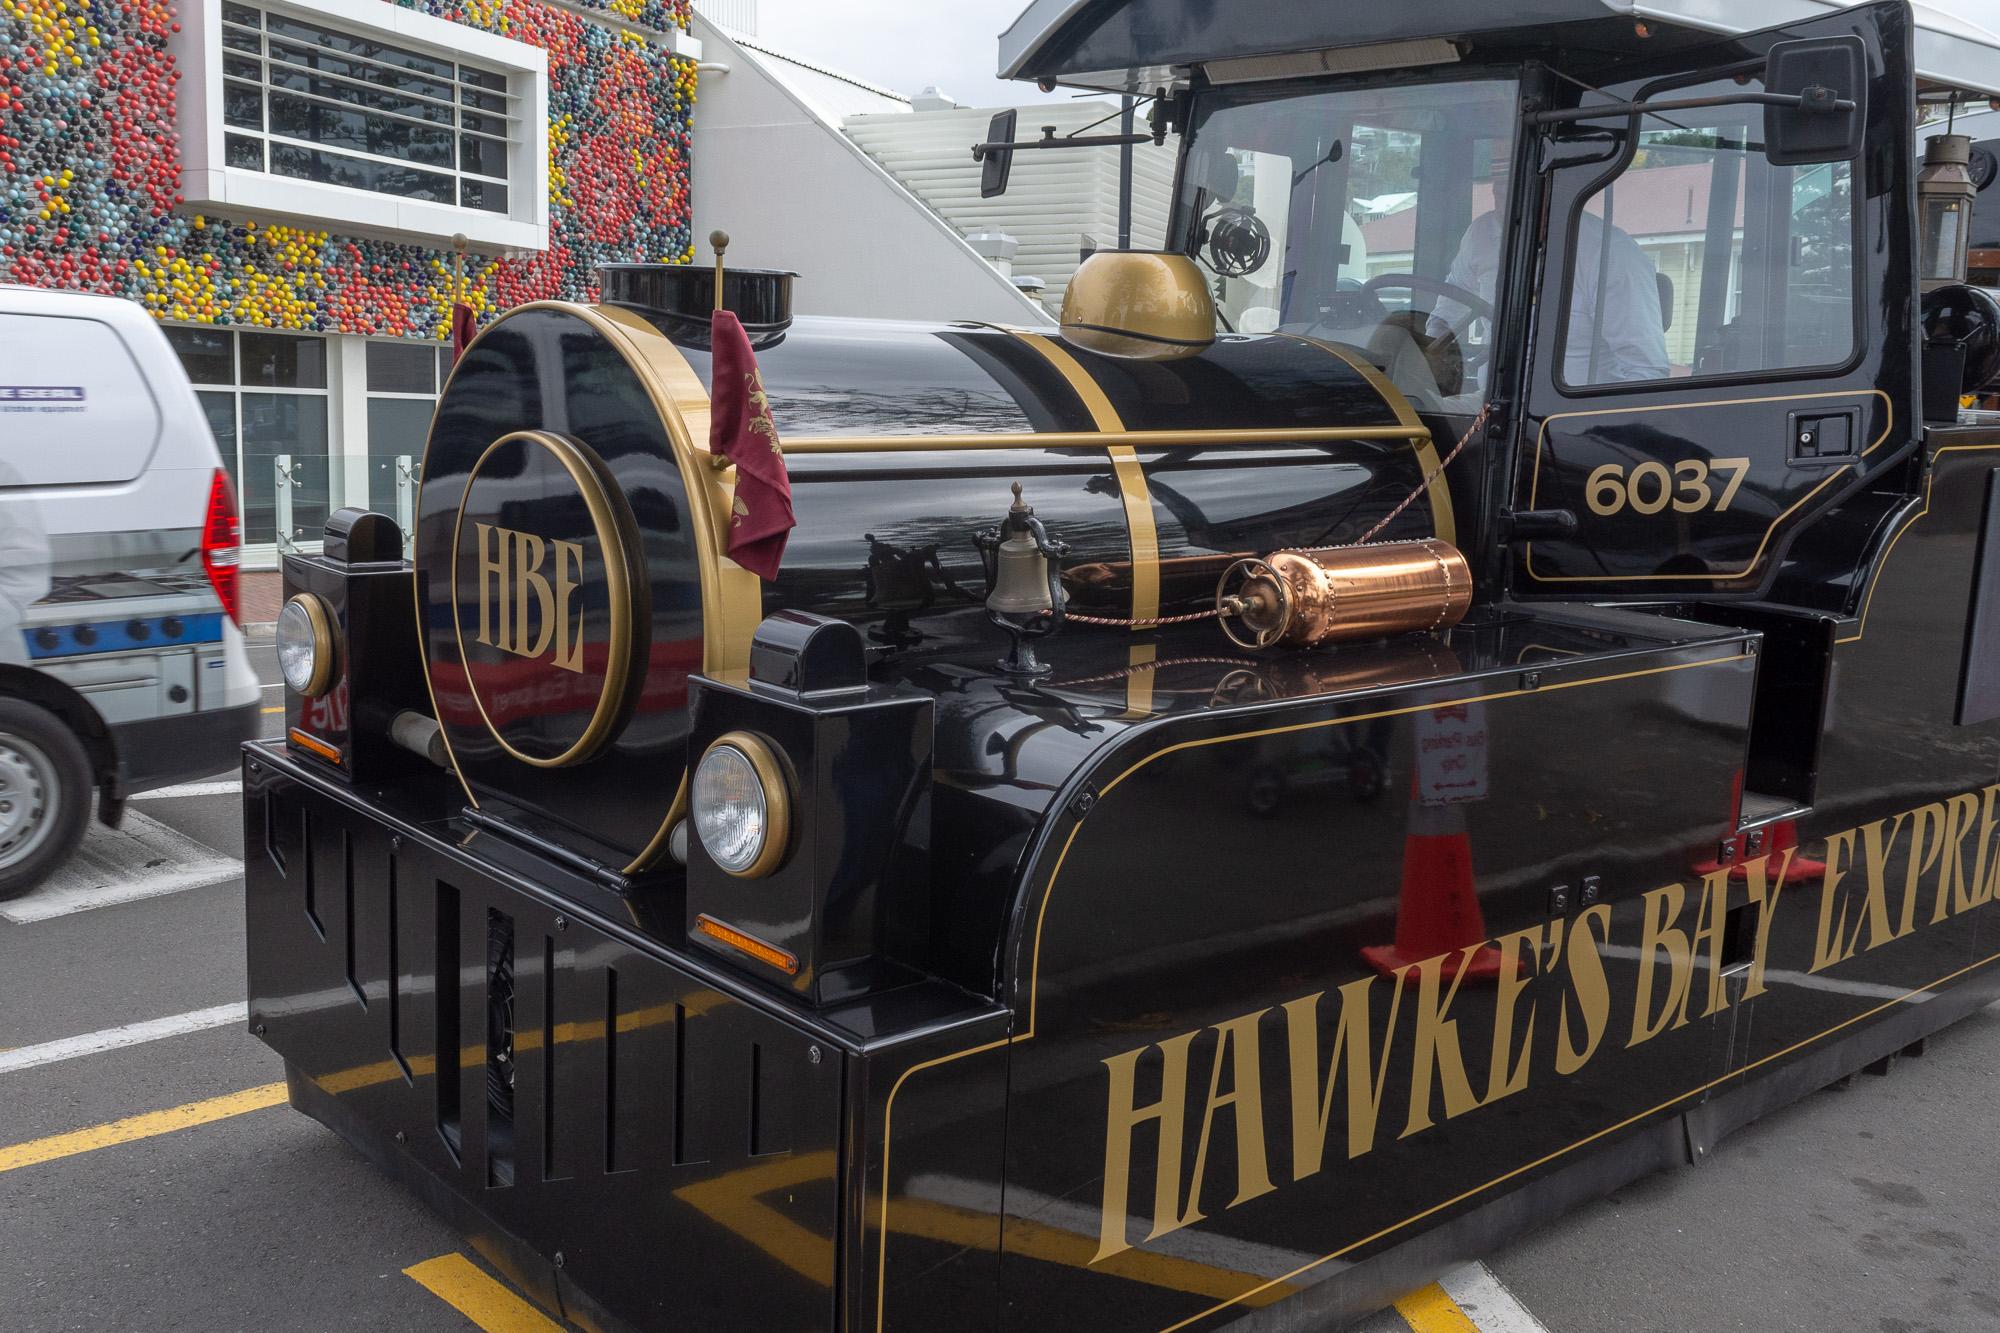 Hawkes Bay Express 1